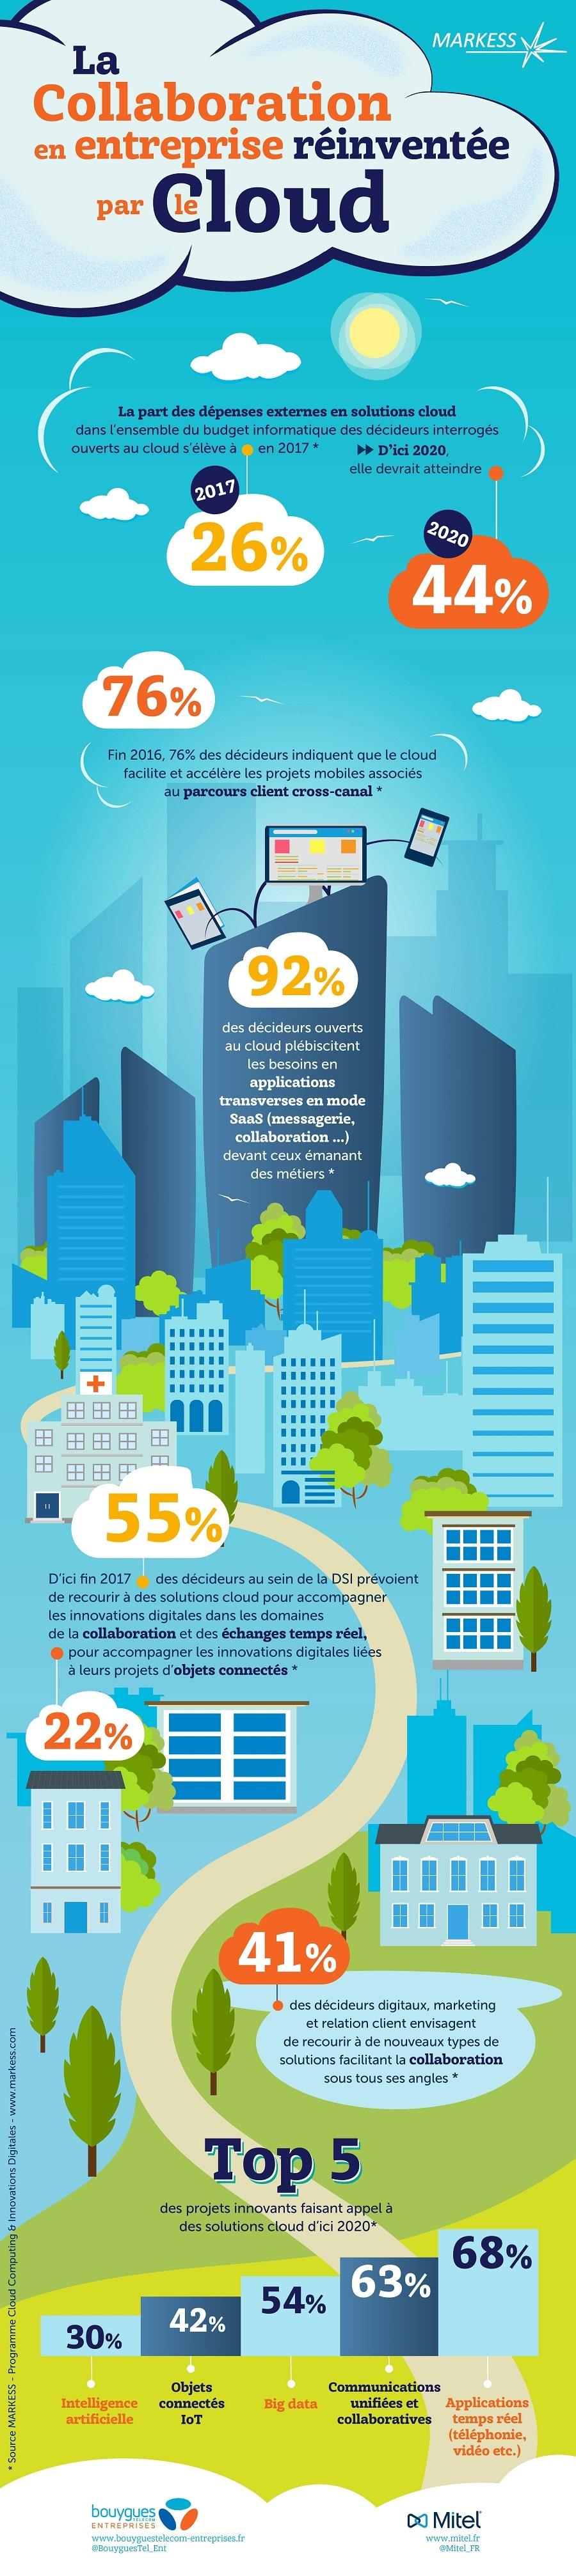 Infographie - La collaboration en entreprise réinventée par le Cloud